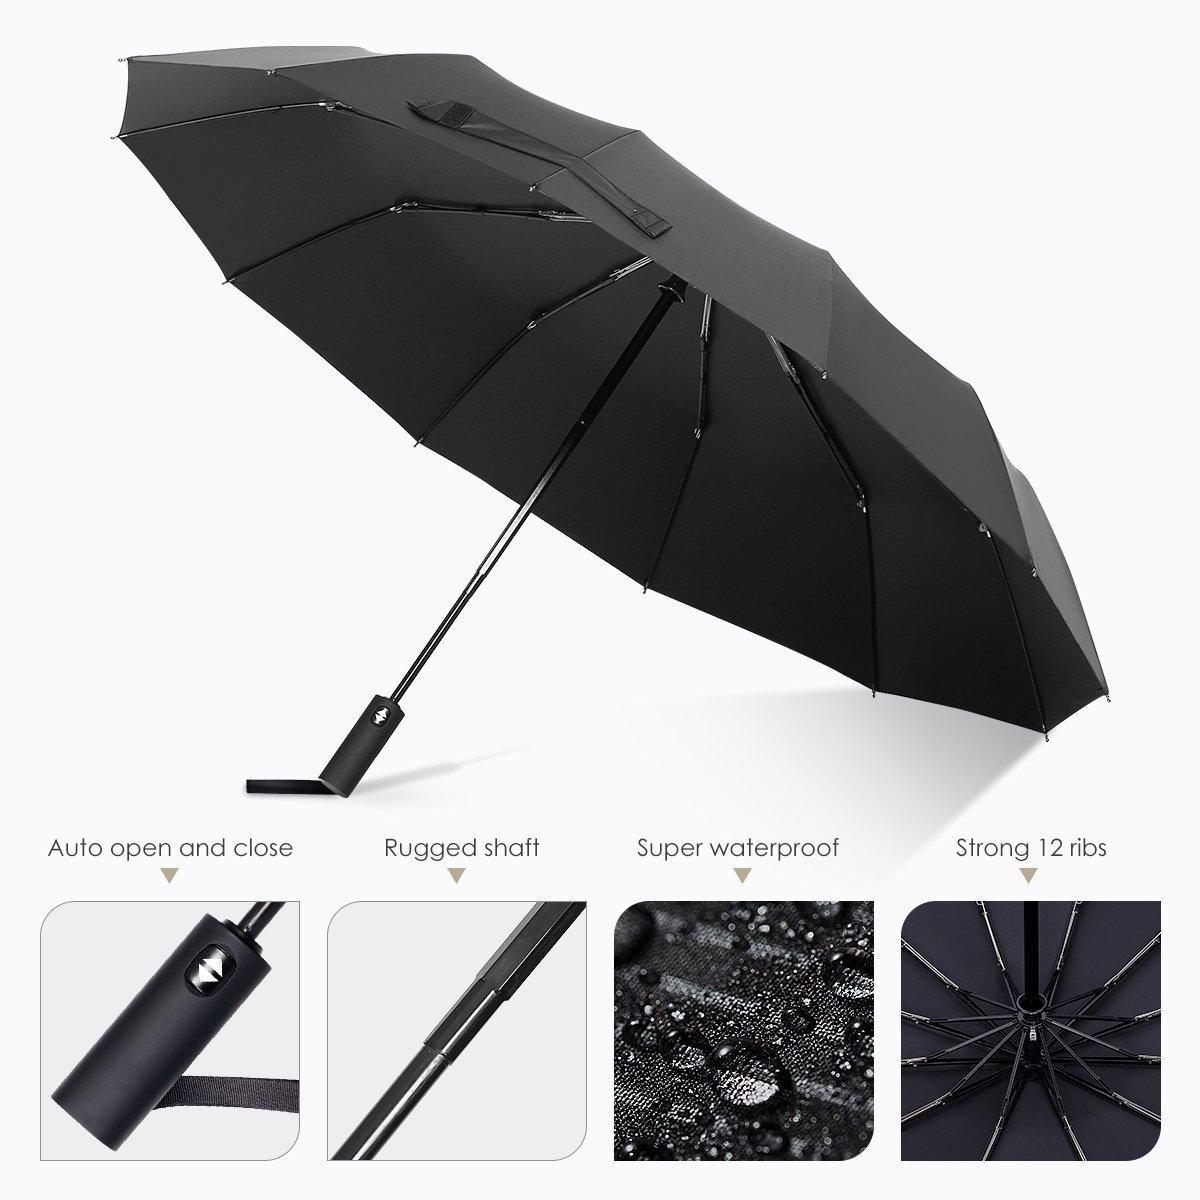 자동 열기 닫기 버튼 컴팩트 보호 우산 (12) 갈비 방풍 여행 우산 테플론 숲 연장 핸들